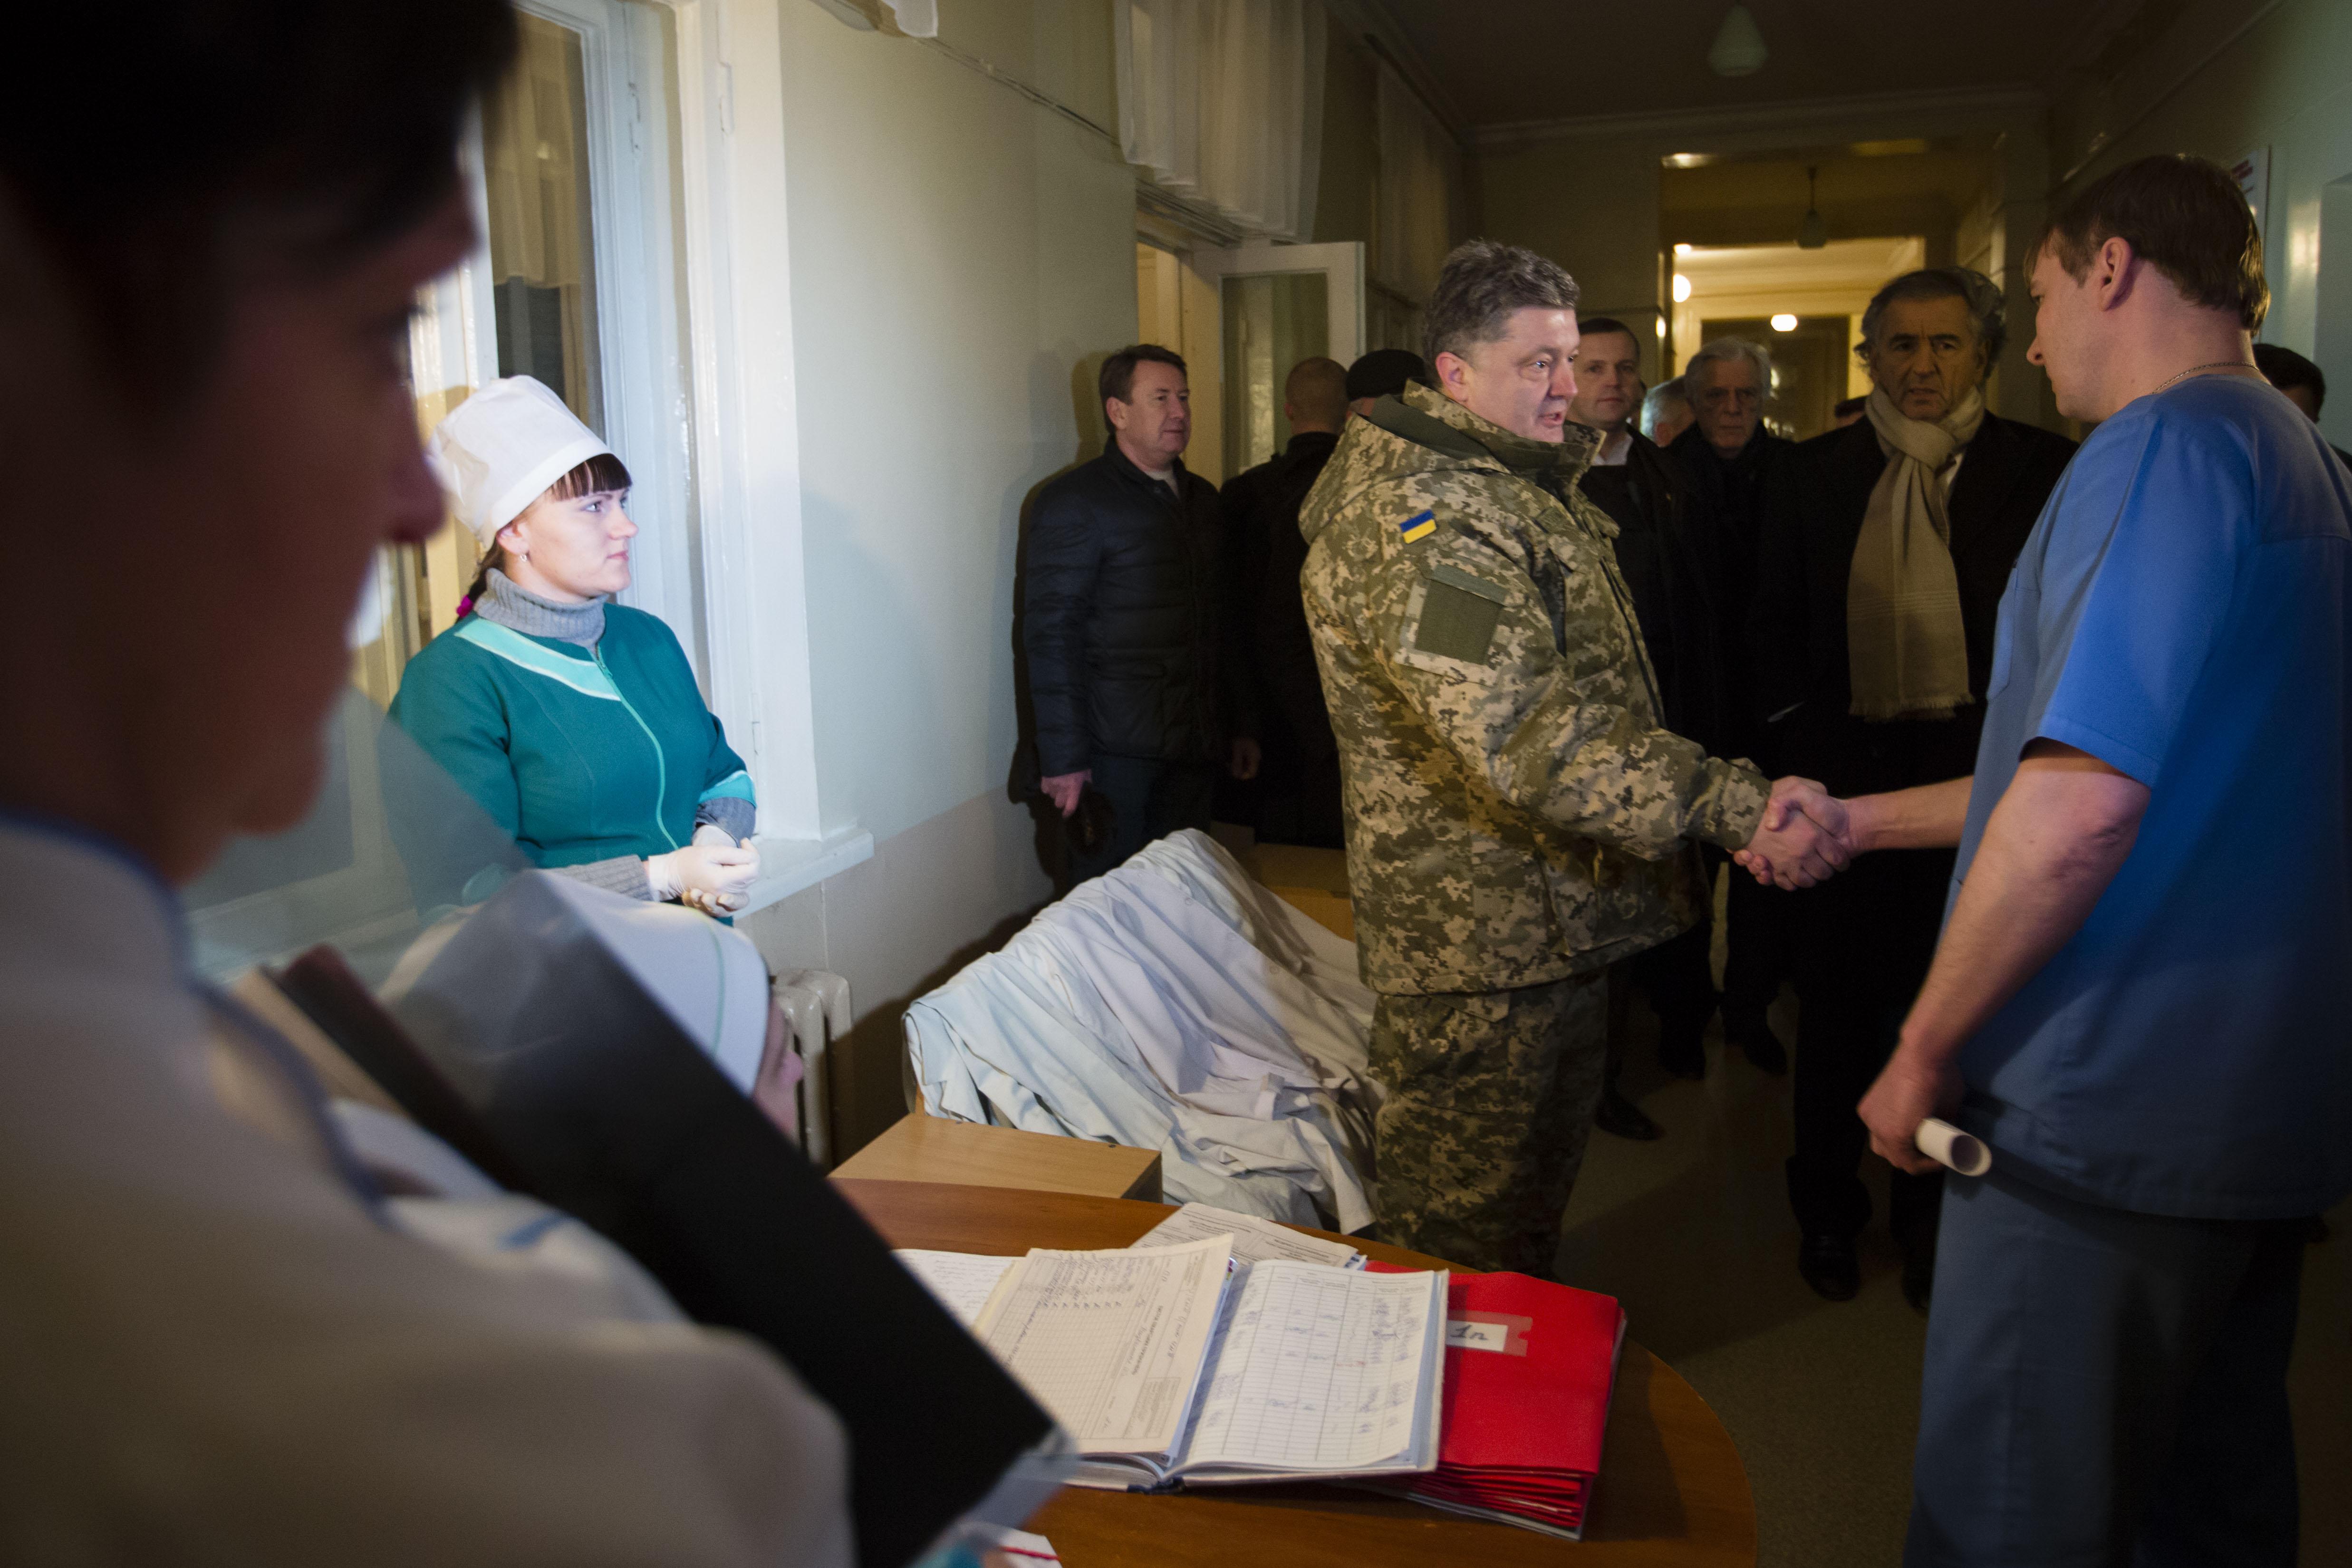 Porochenko_Kramatorsk_Bernard-Henri_Levy-Ukraine